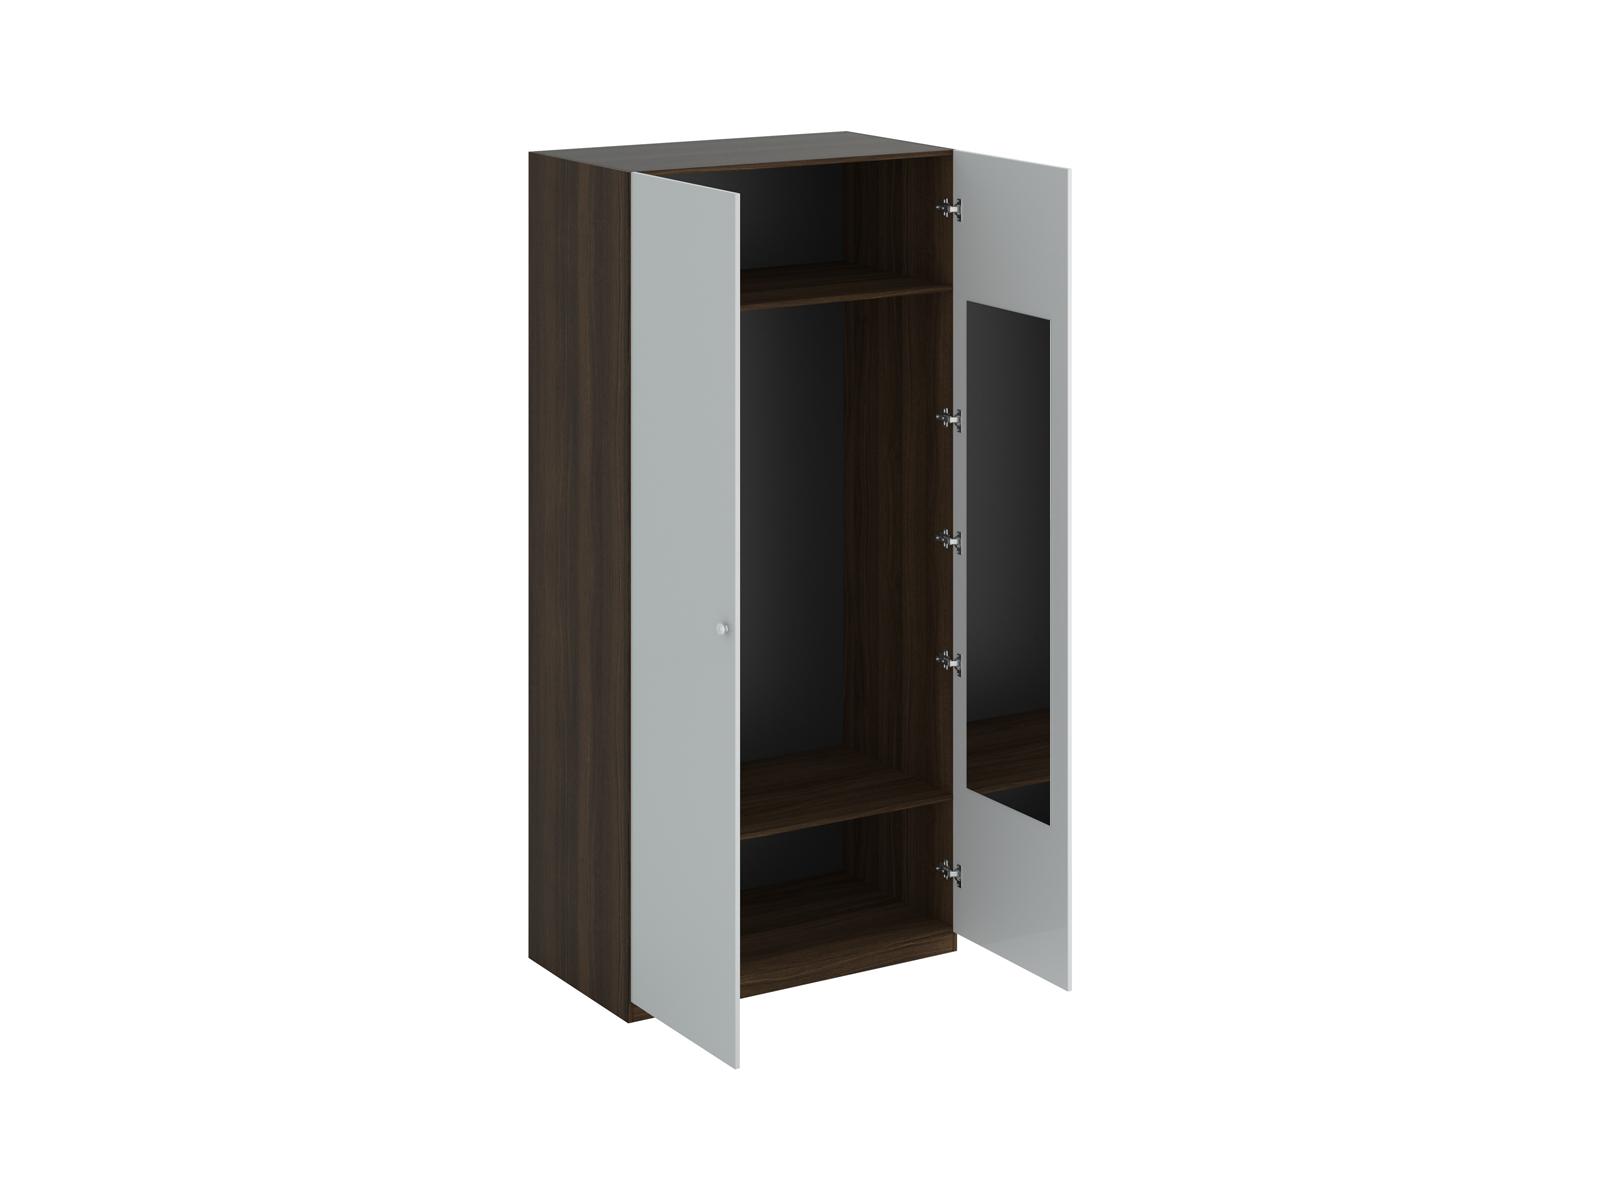 Шкаф Uno Ш2зШкафы<br>Шкаф двухдверный с одной стационарной верхней и одной съемной нижней полками. На одной дверце шкафа с внутренней стороны расположено зеркало. Установлен на регулируемые опоры. Данную мебель рекомендуется крепить к стене. Ручки и внутренние элементы продаю...<br>